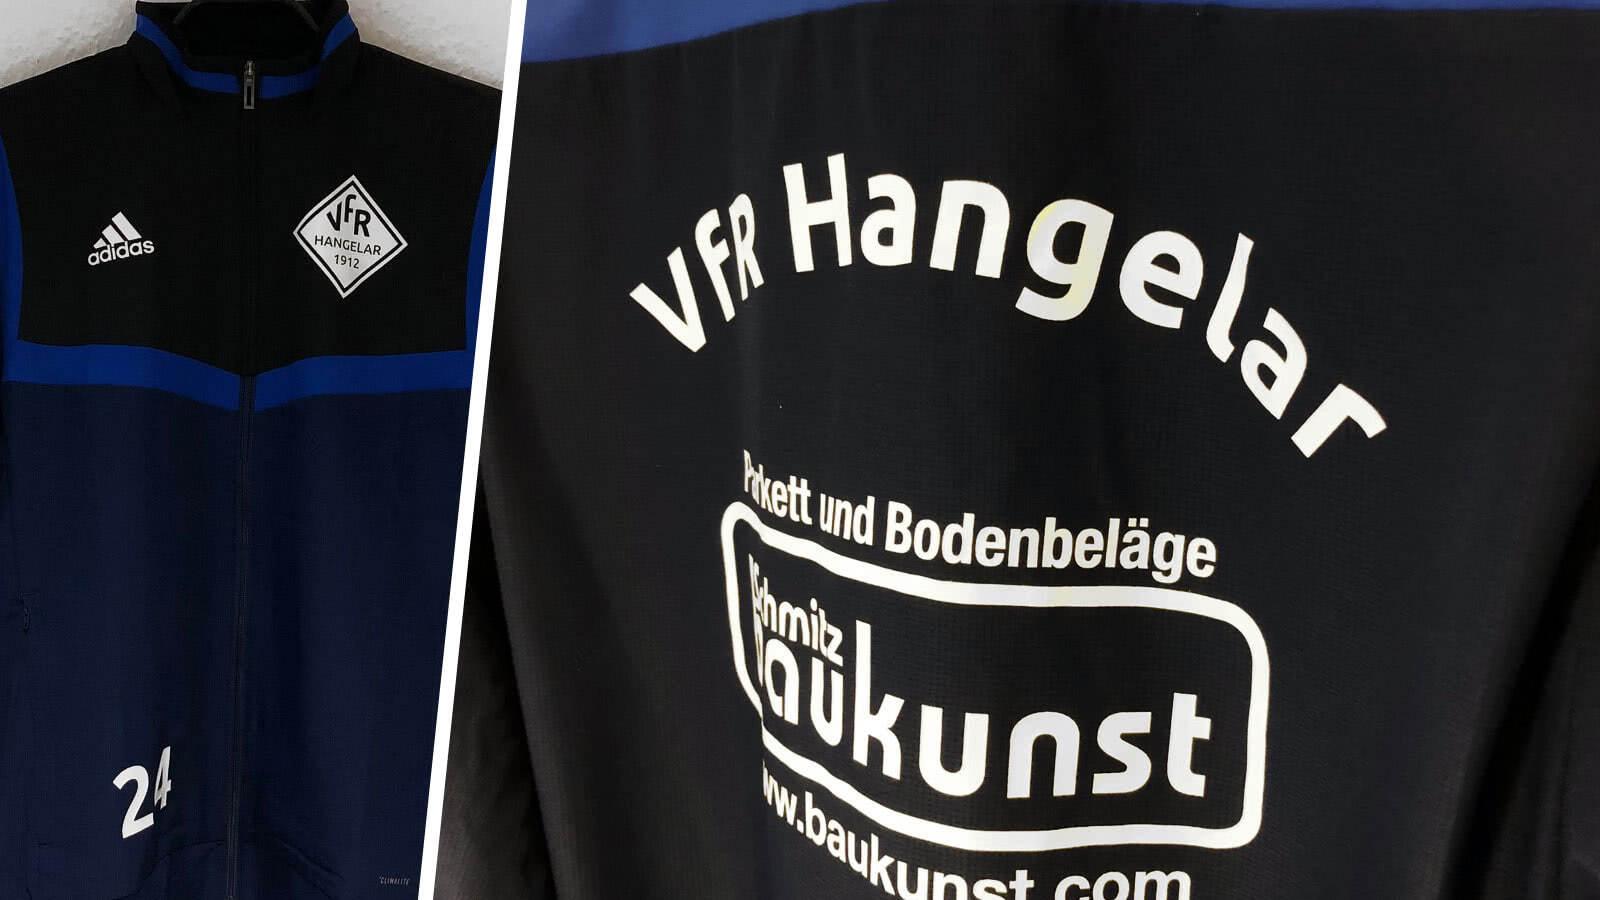 Bedruckung beim adidas Präsentationsjacke mit Vereinswappen - VfR Hangelar